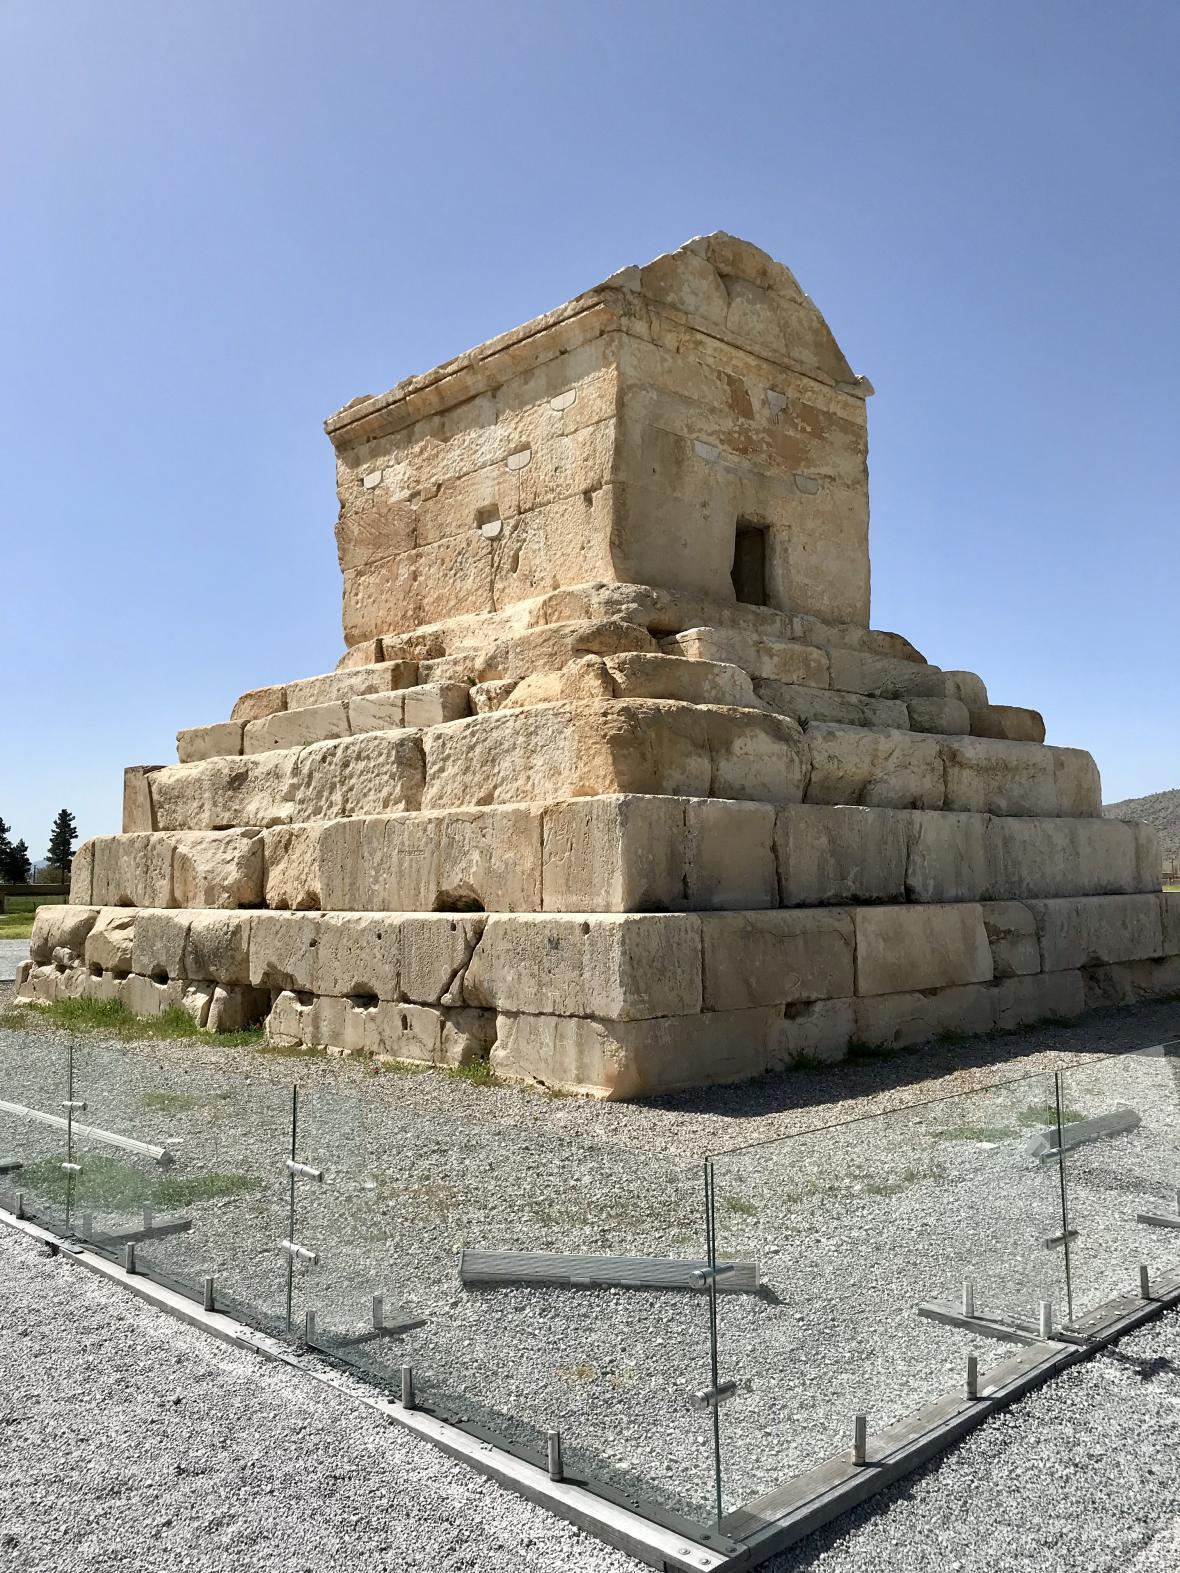 Hrobka Kýra II. Velikého